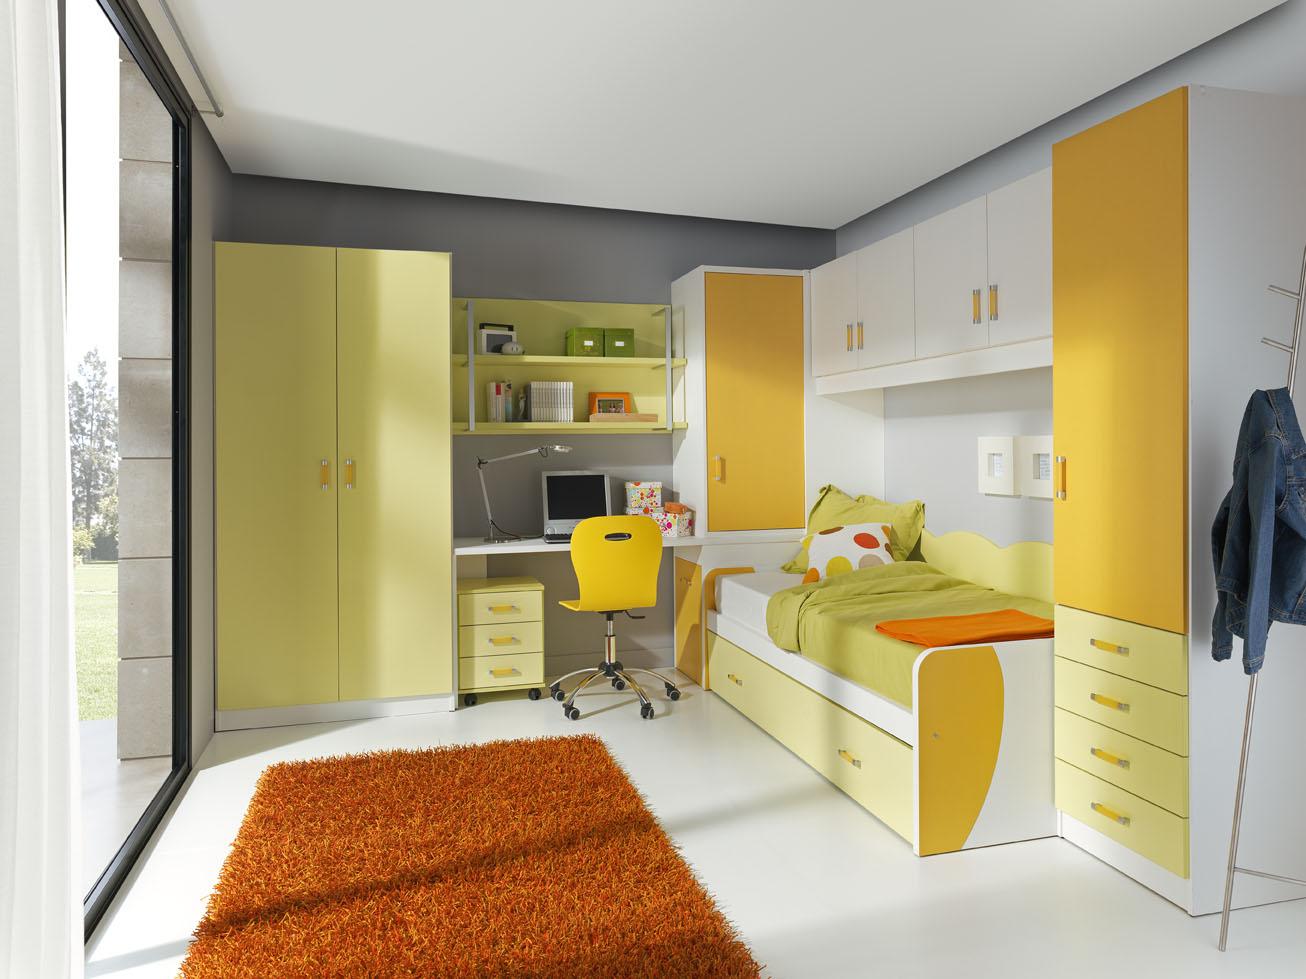 Habitaciones compartidas para ni os muebles orts blog for Dormitorio juvenil nino